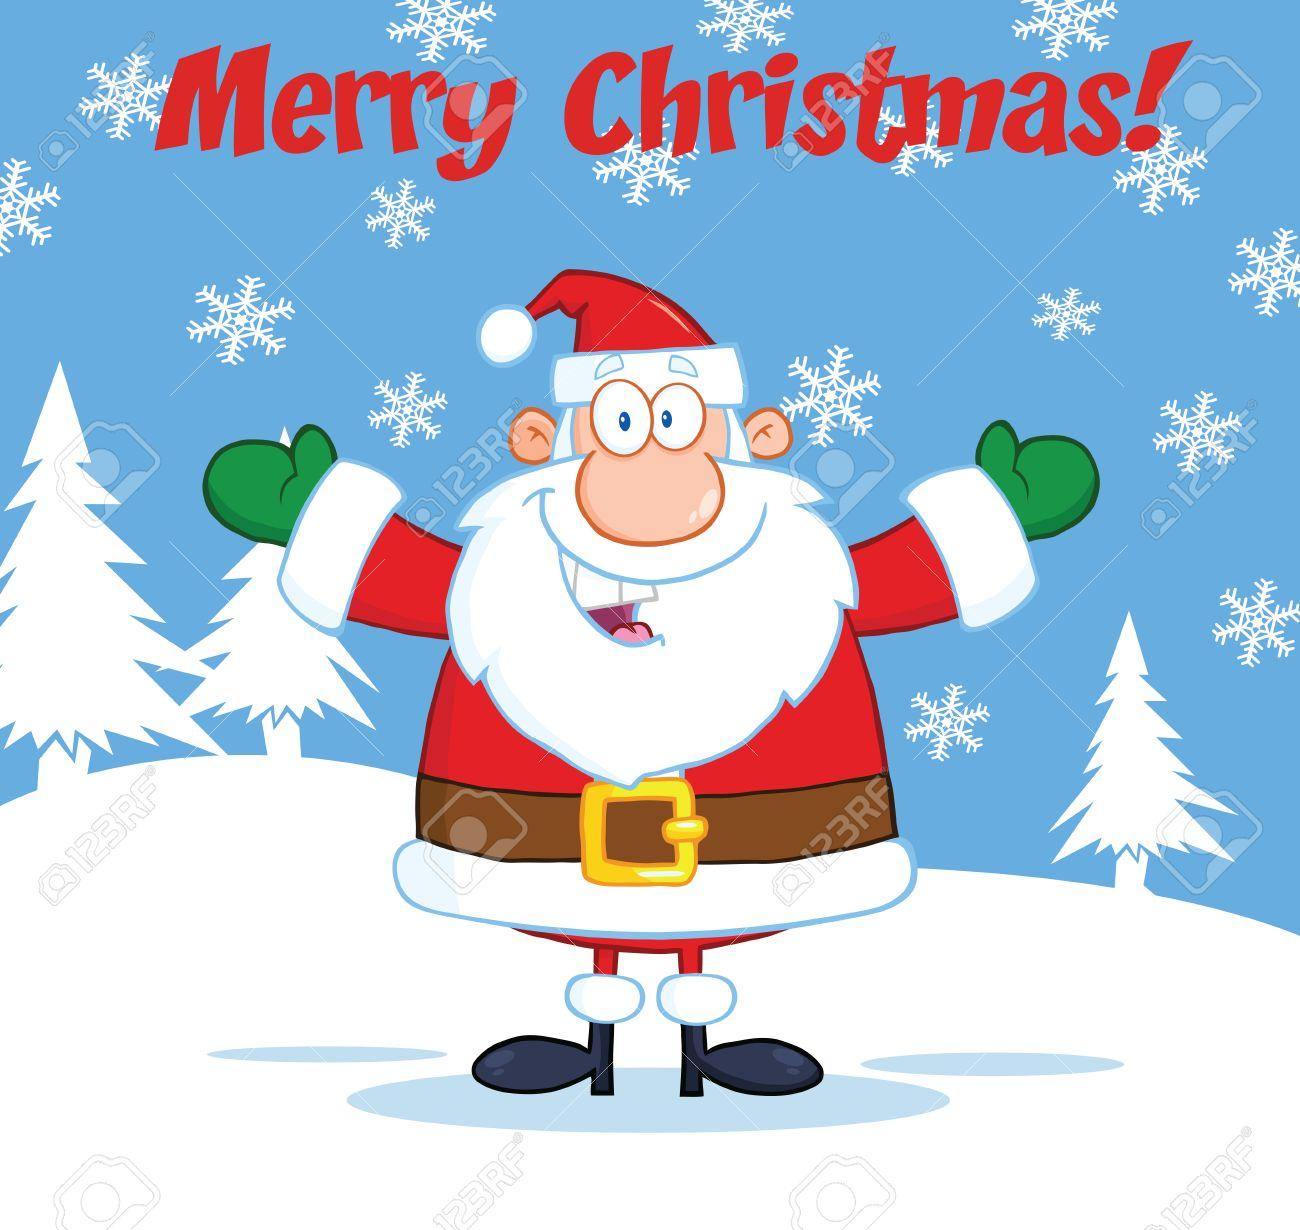 Uncategorized Imagenes Santa Claus feliz navidad santa imagenes etiquetate net alusivas a la navidad